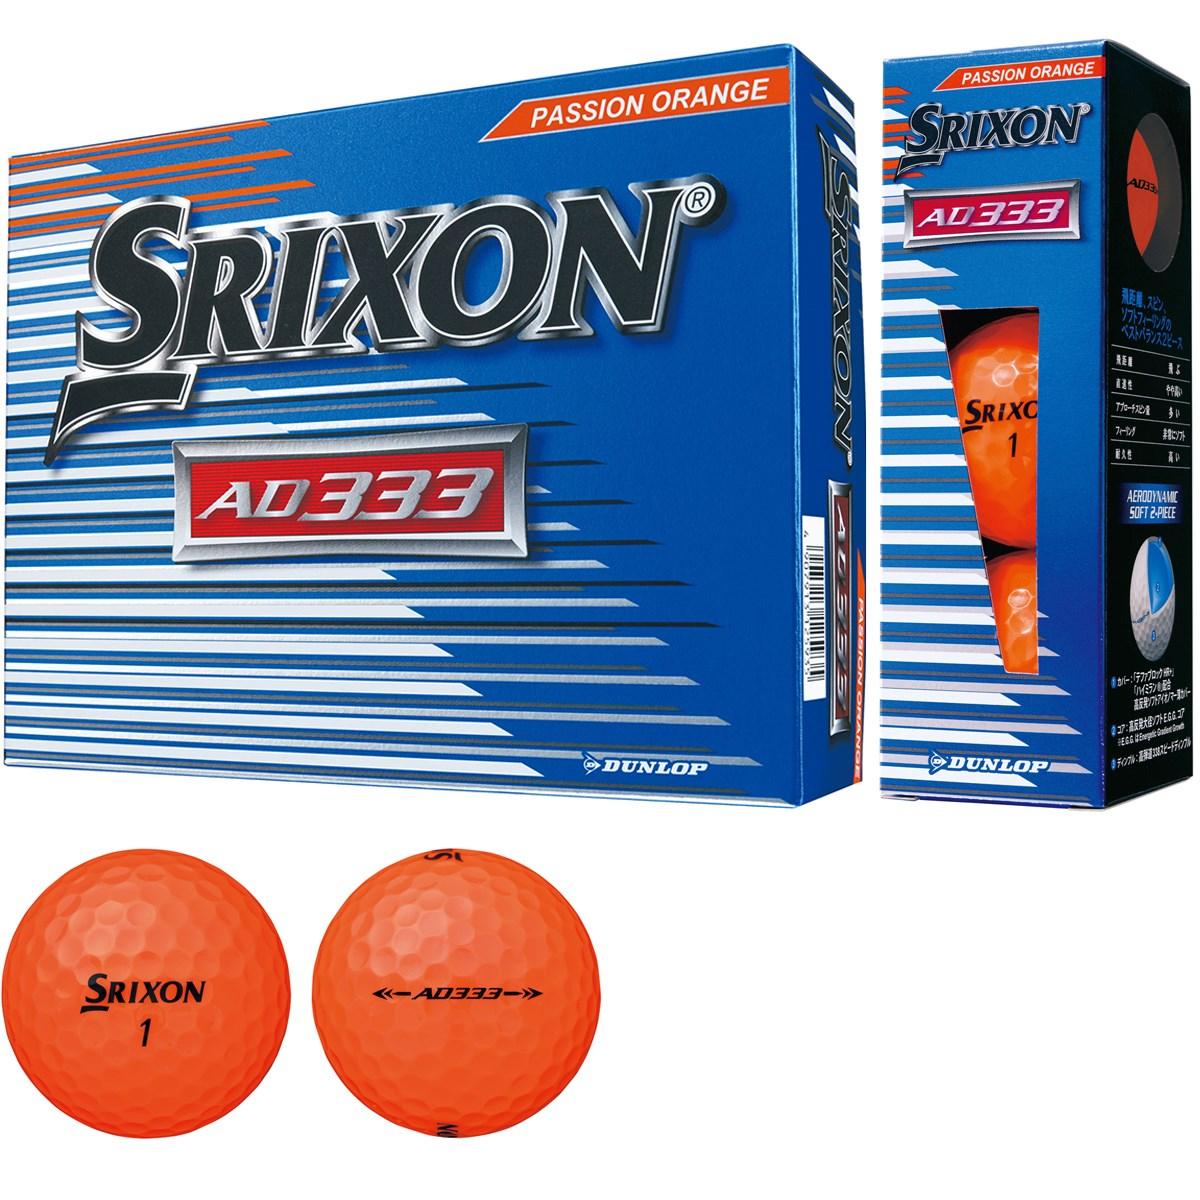 ダンロップ SRIXON スリクソン AD333-7 ボール 1ダース(12個入り) パッションオレンジ